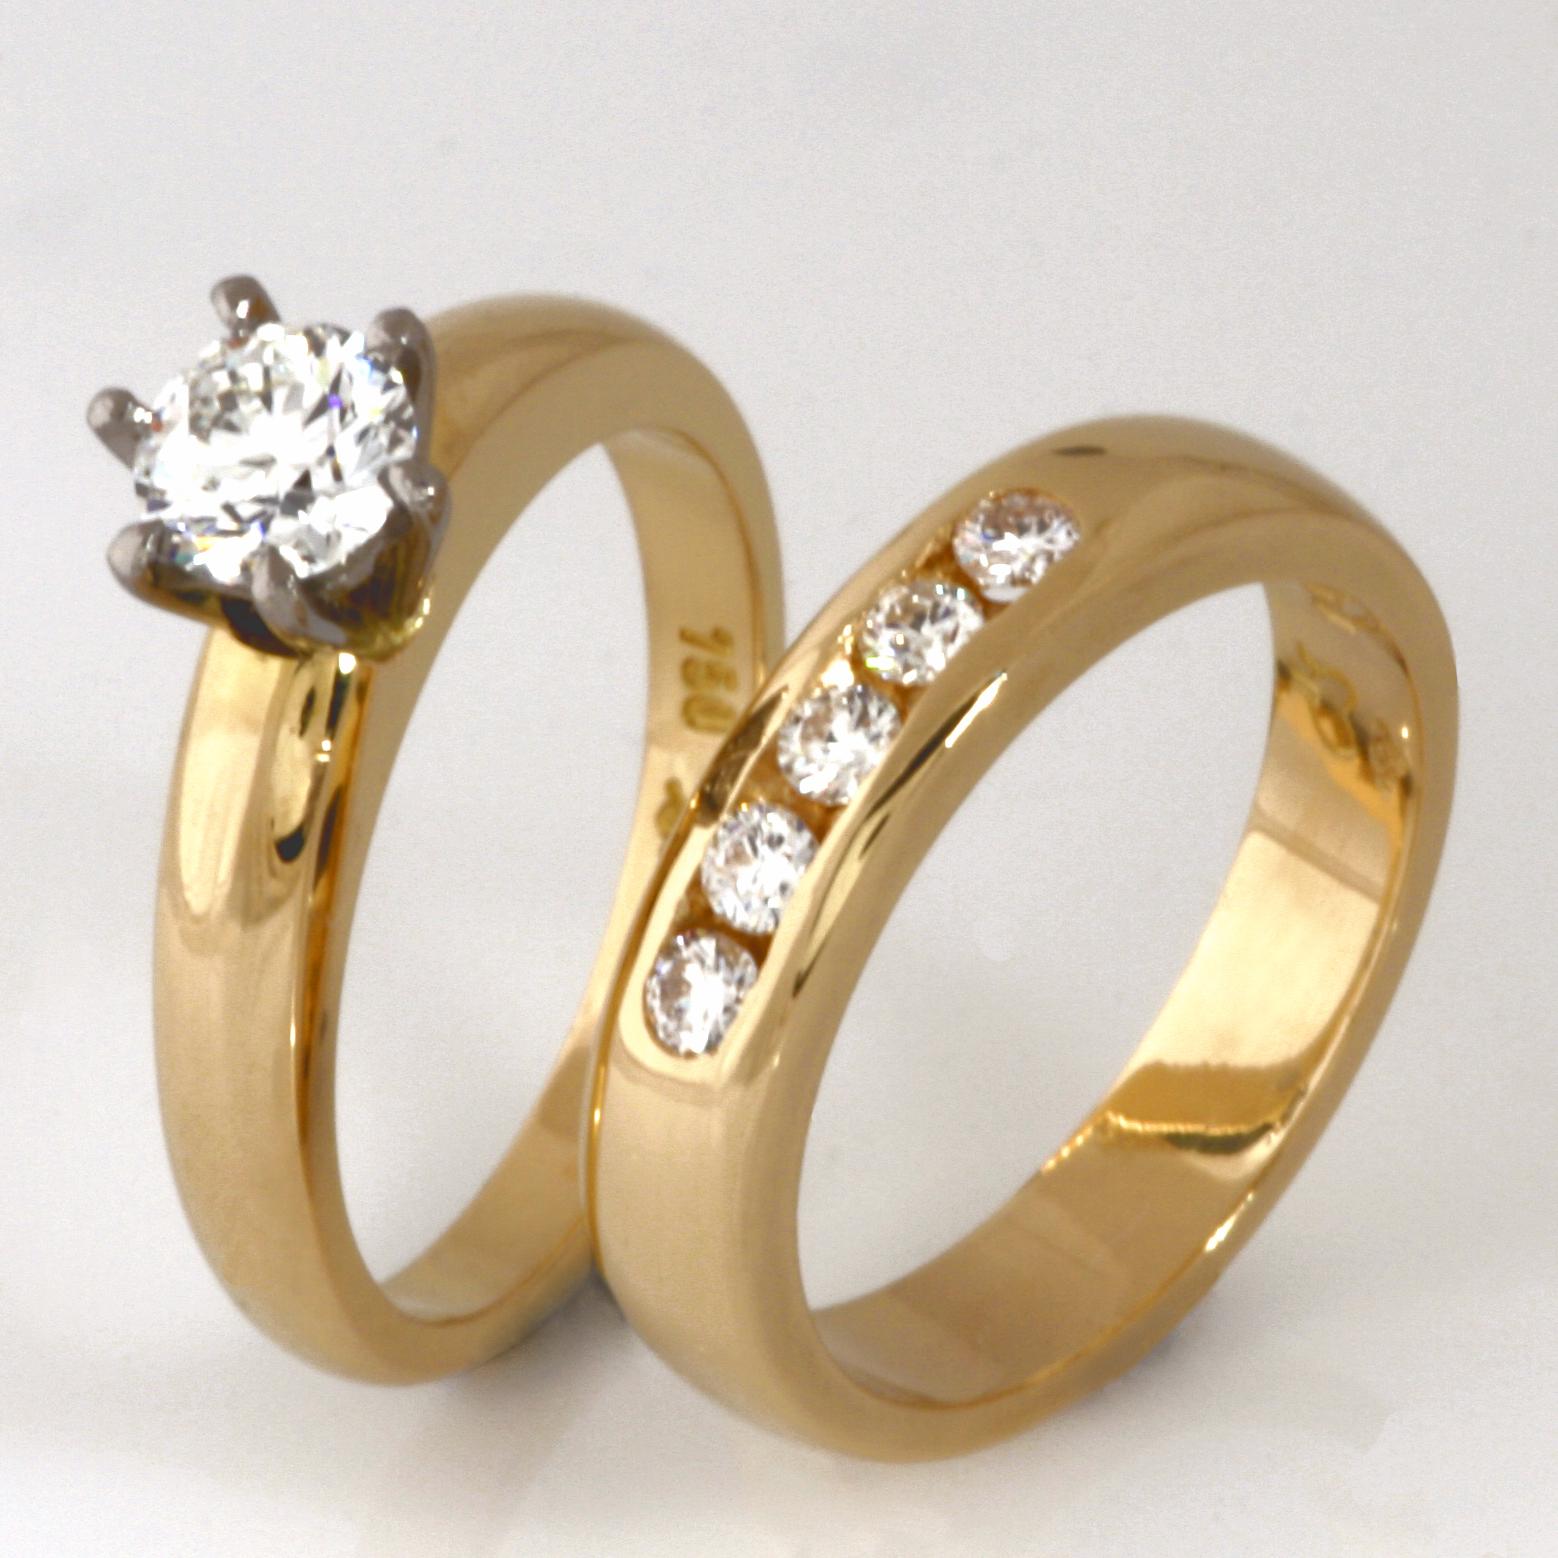 Handmade ladies 18ct yellow gold diamond wedding ring